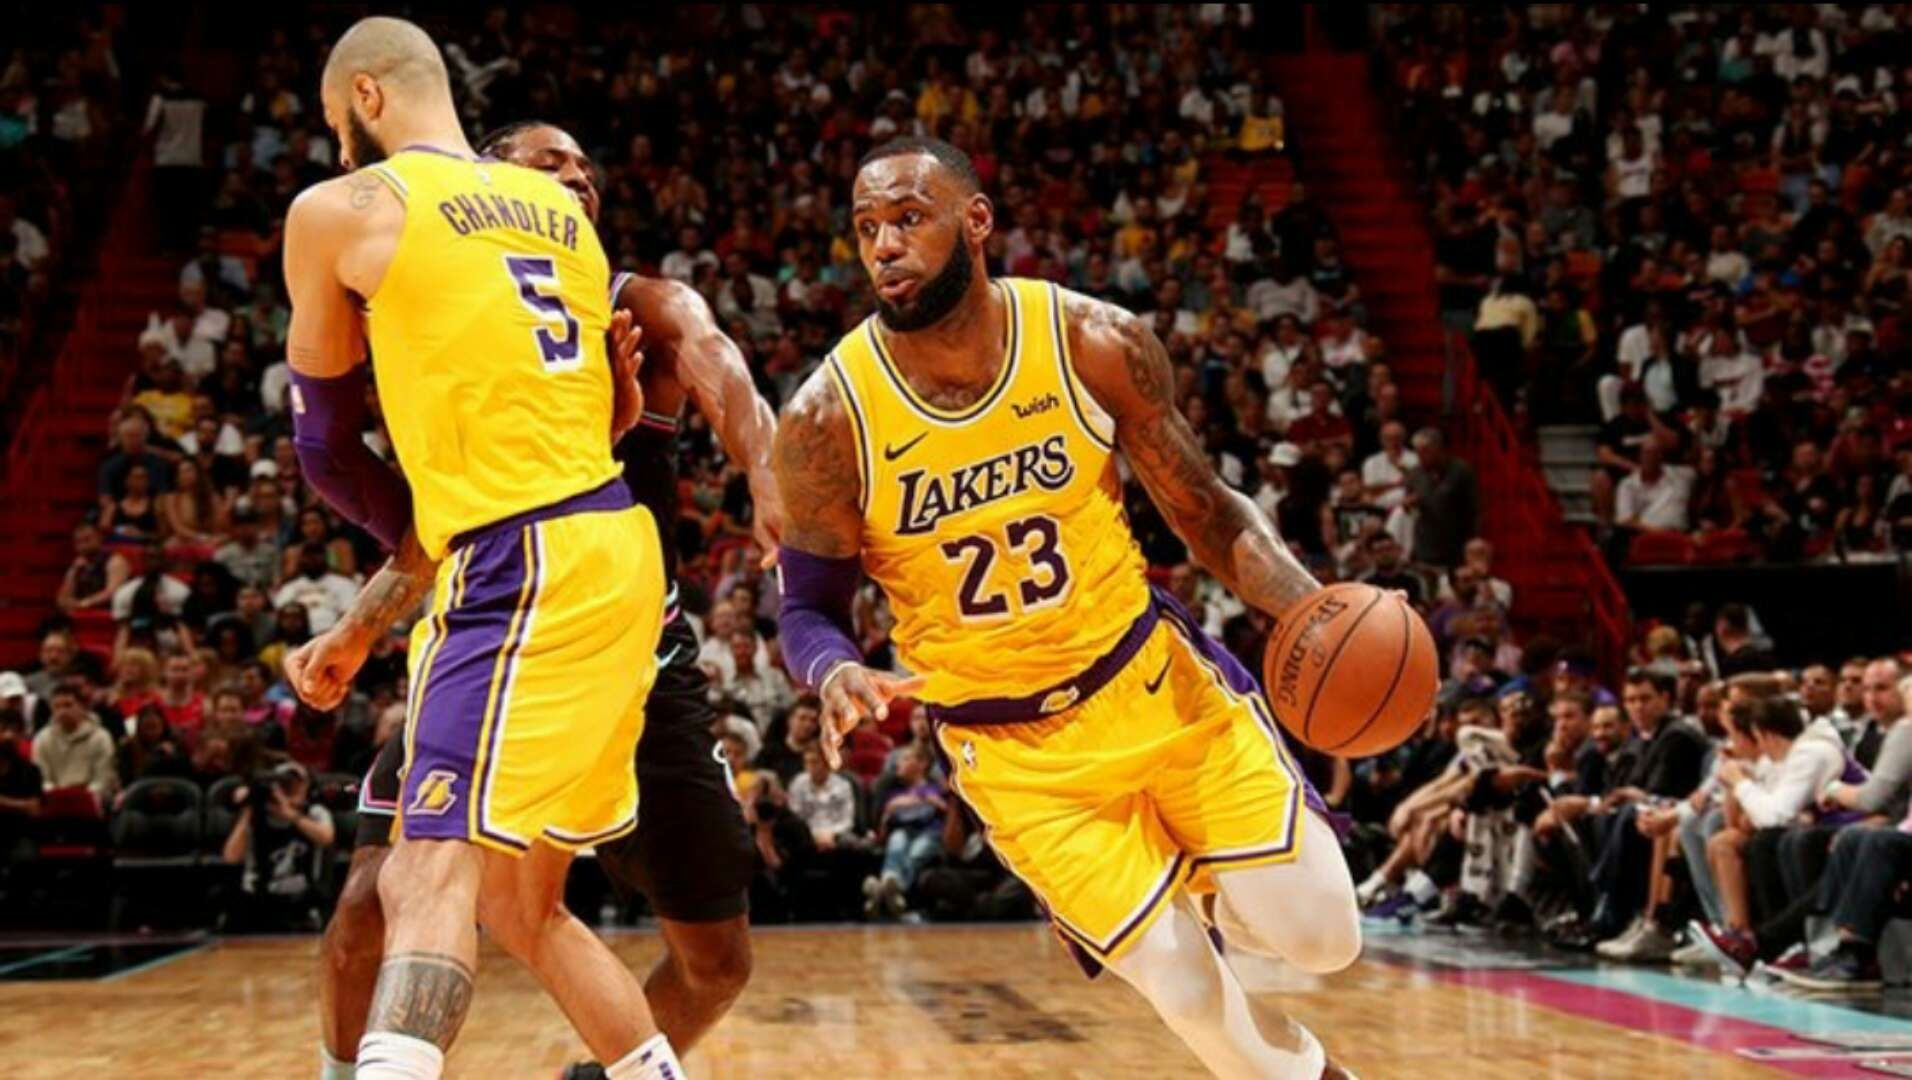 史上最强超级变向 NBA官方精选杜兰特生涯TOP30进球(30-21)_全景NBA